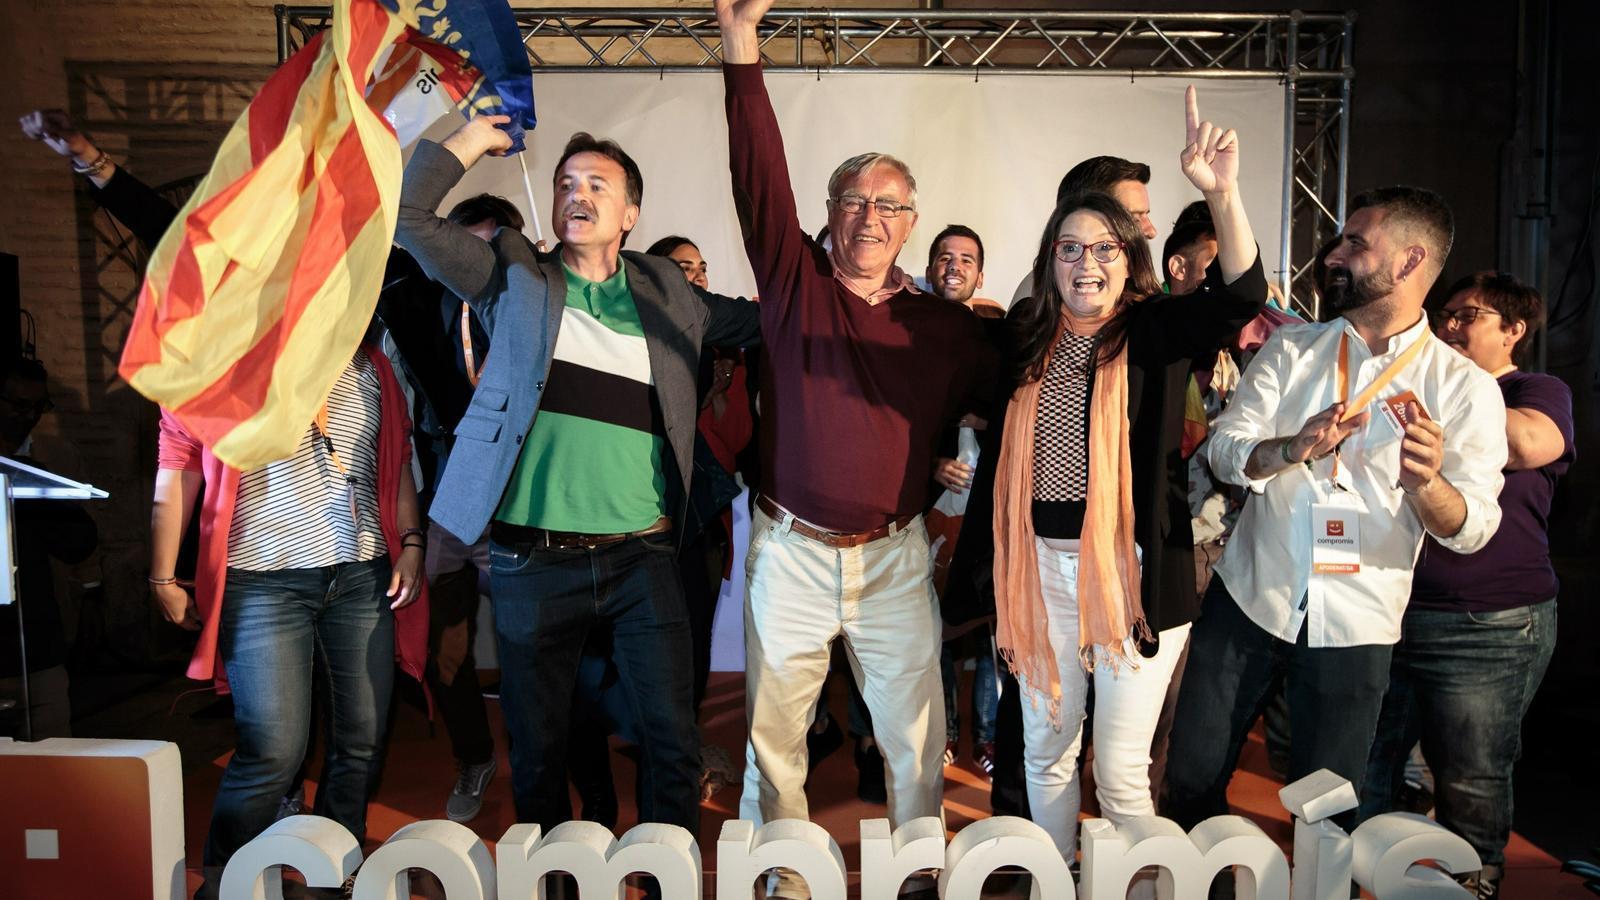 L'esquerra revalida la majoria a València i conserva Castelló, però perd Alacant